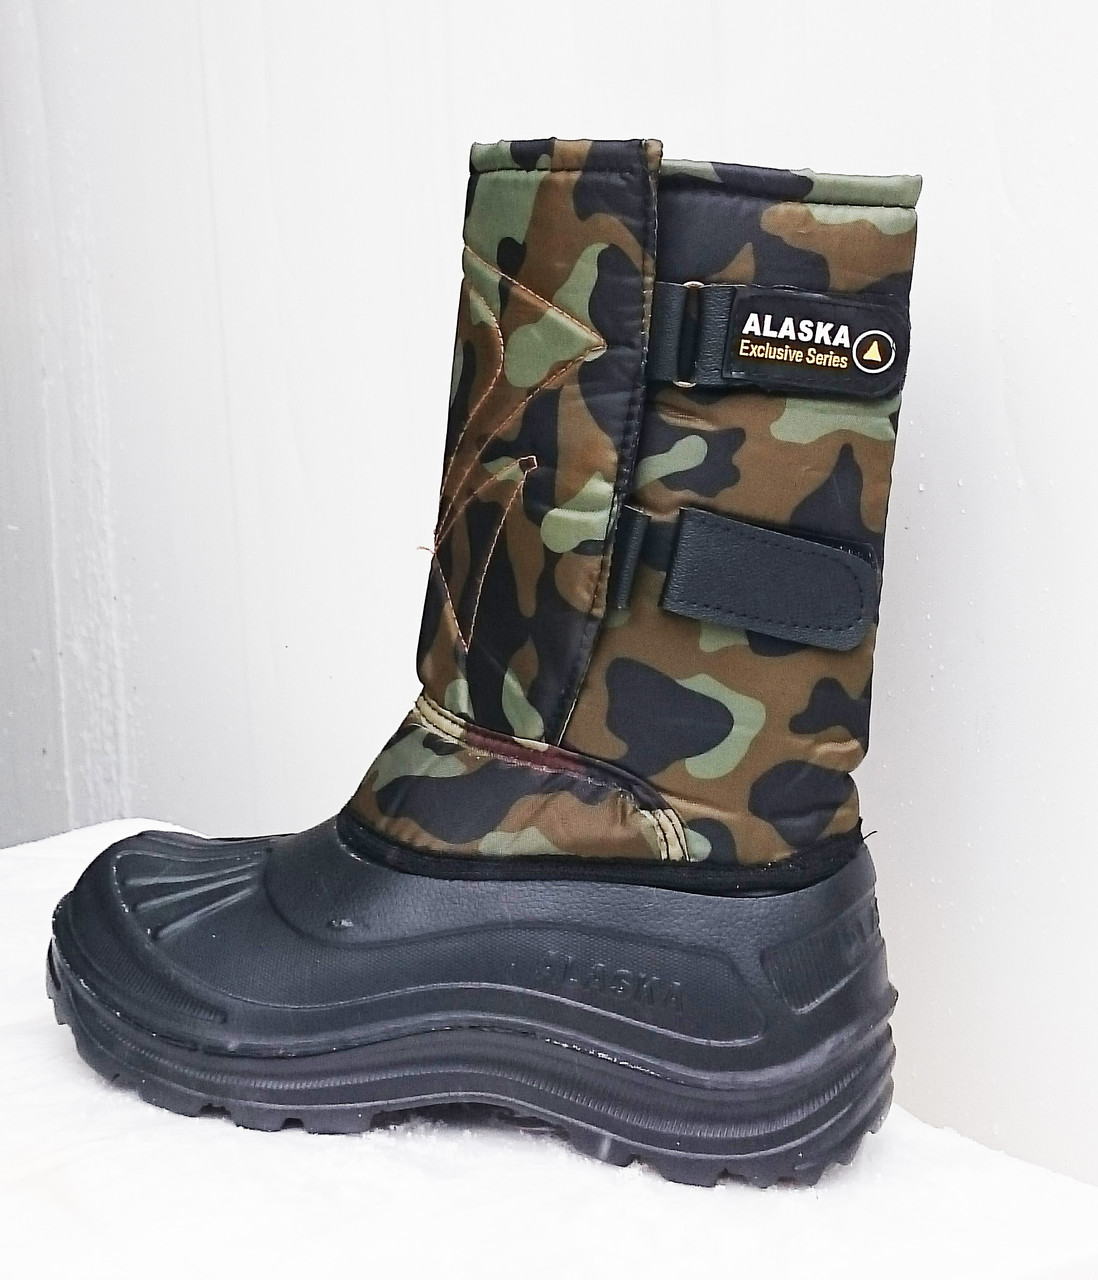 купить обувь для рыбалки аляска